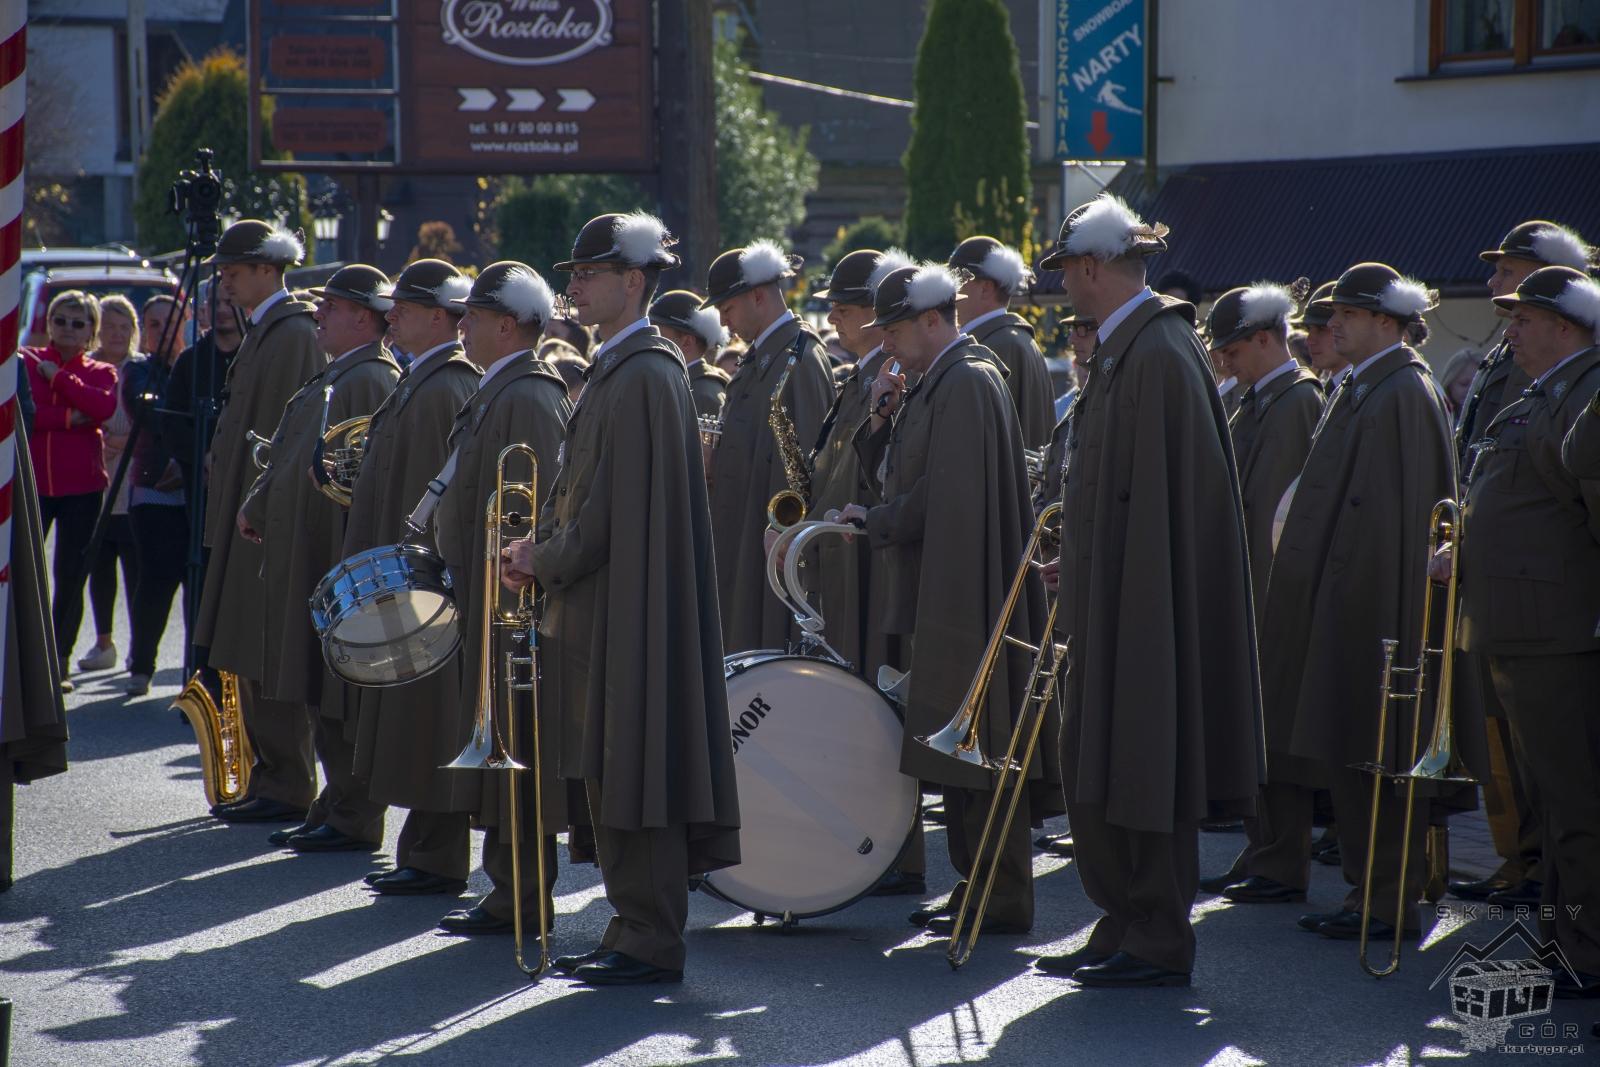 Obchody 100-lecia niepodległości w Bukowinie Tatrzańskiej - Odsłonięcie tablicy pamiątkowej